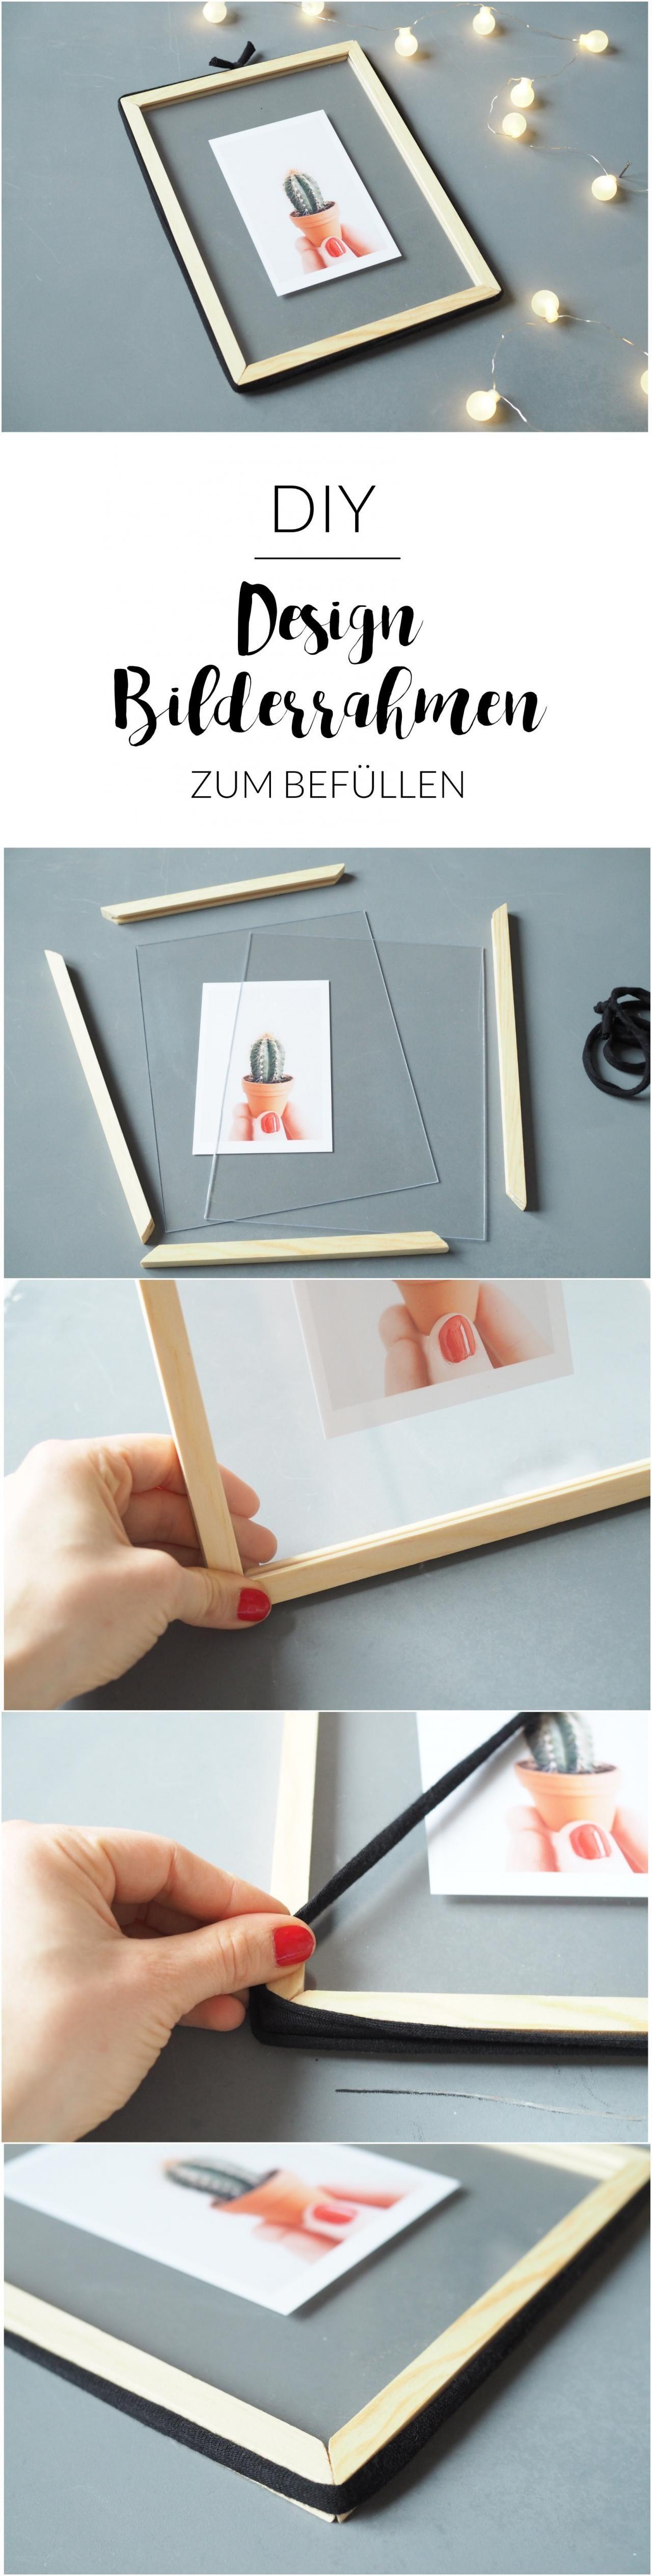 Diy design bilderrahmen zum bef llen diy bilderrahmen diy design und basteln - Selbstgemachte bilderrahmen ...